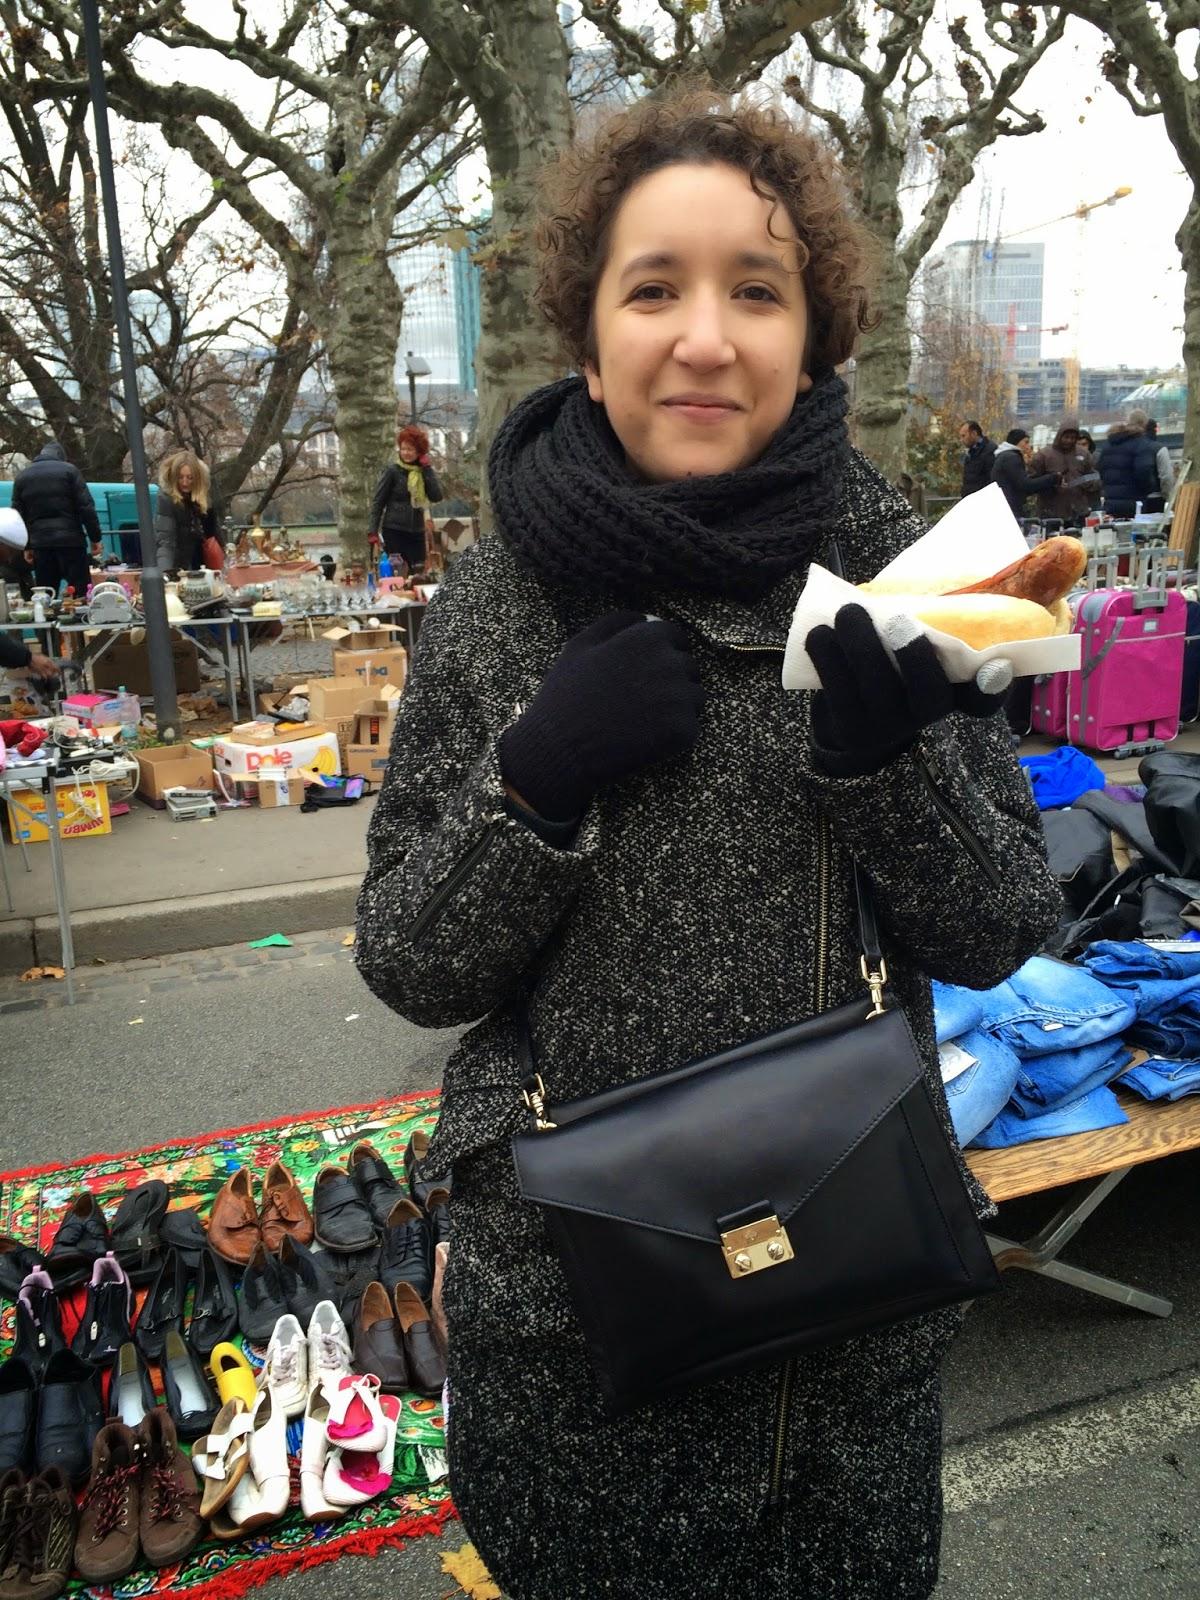 blogger holding hotdog in frankfurt flea market